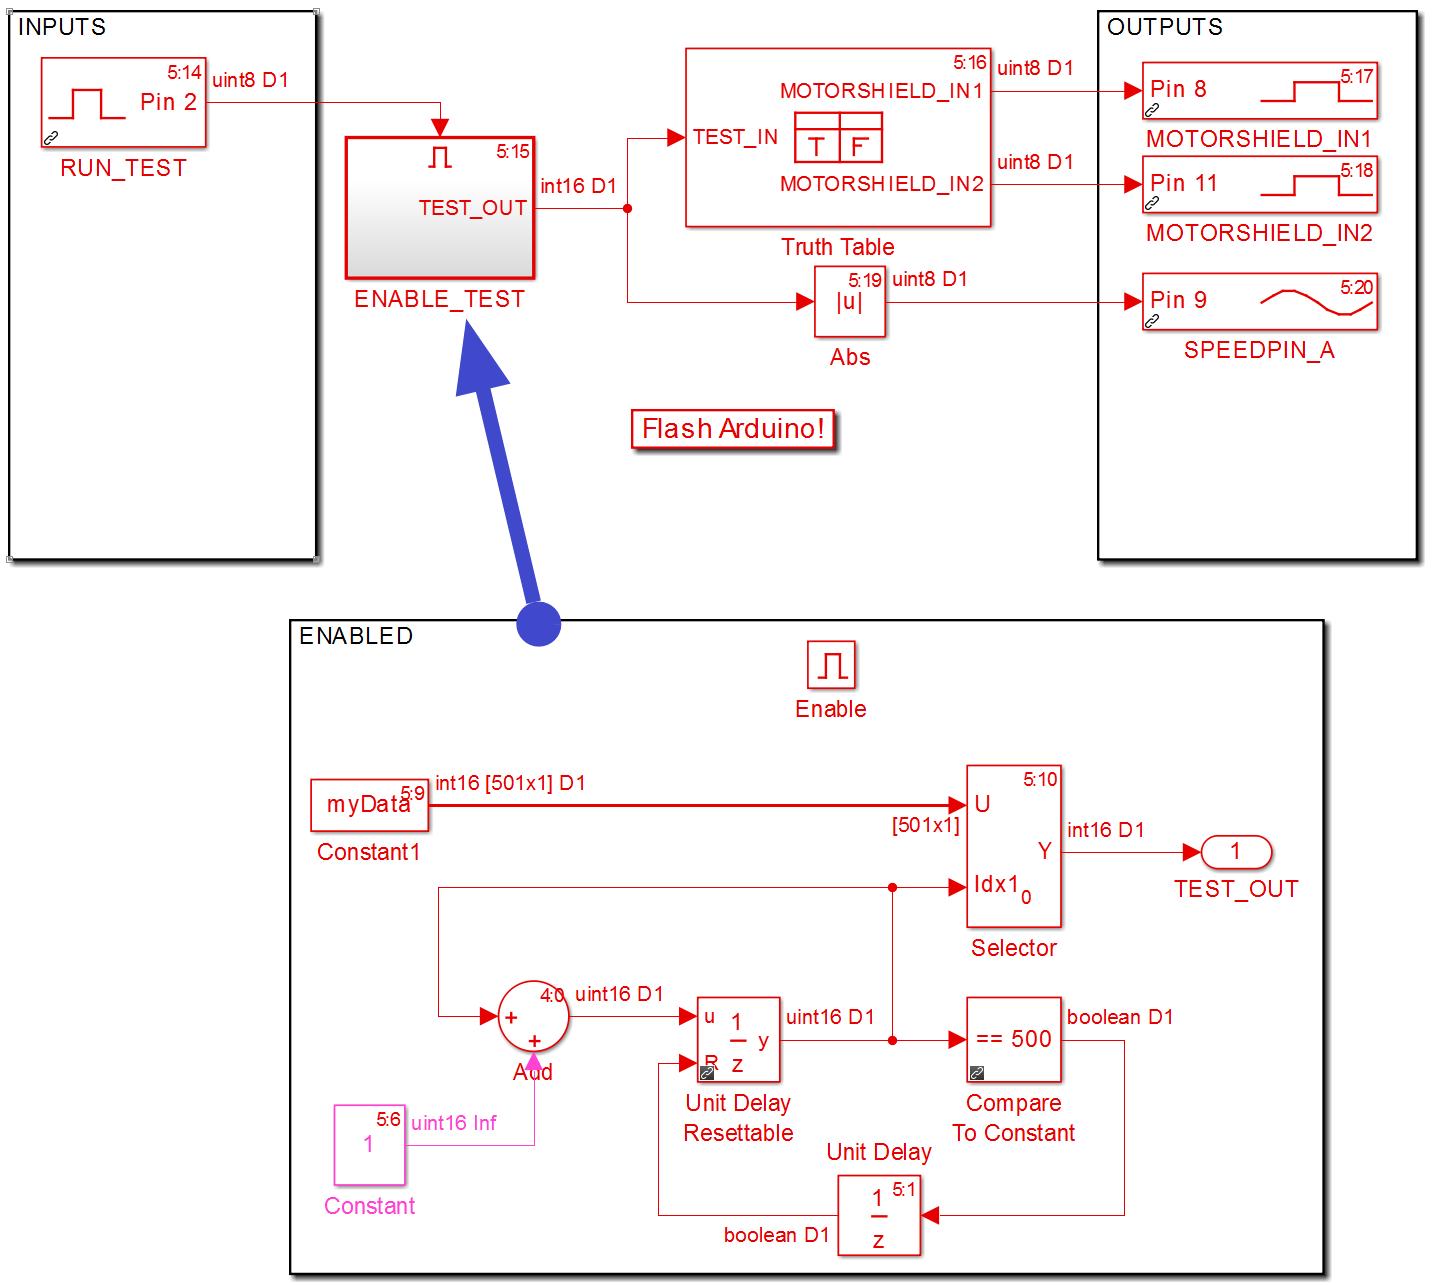 Модельно ориентированное проектирование на коленке, идентификация систем в MATLAB/Simulink